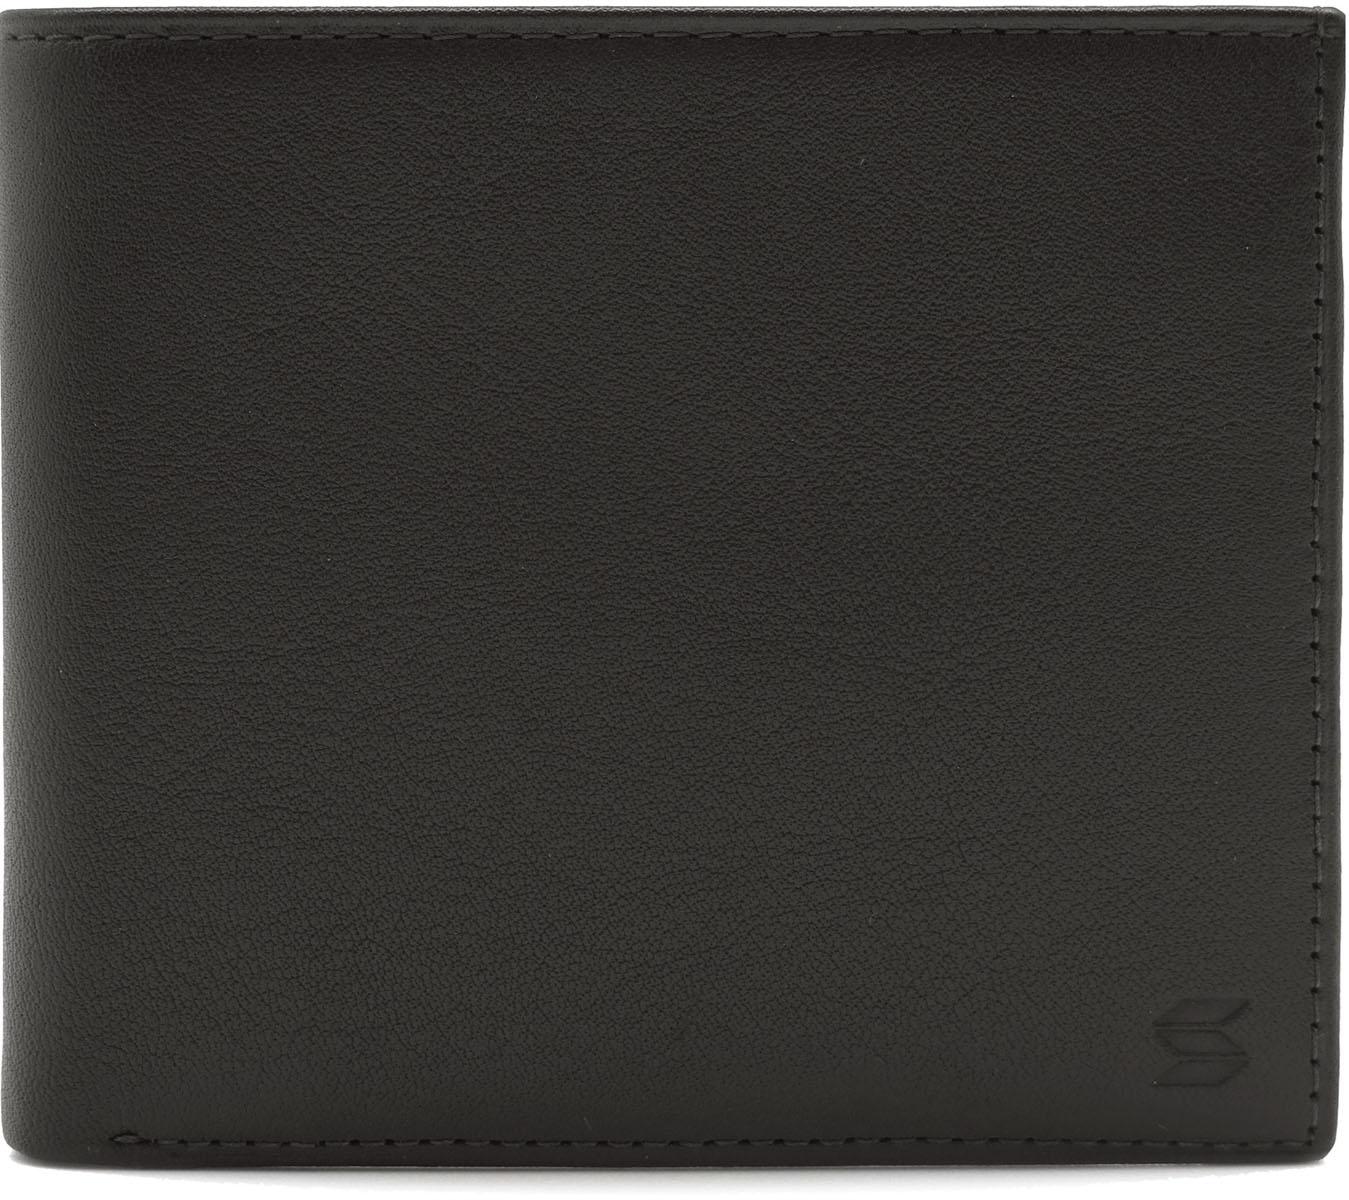 Портмоне мужское Soltan, цвет: темно-коричневый. 100 01 03INT-06501Портмоне Soltan выполнено из натуральной кожи. Модель имеет два отделения для купюр, отделение для мелочи и 3 кармашка для карточек.